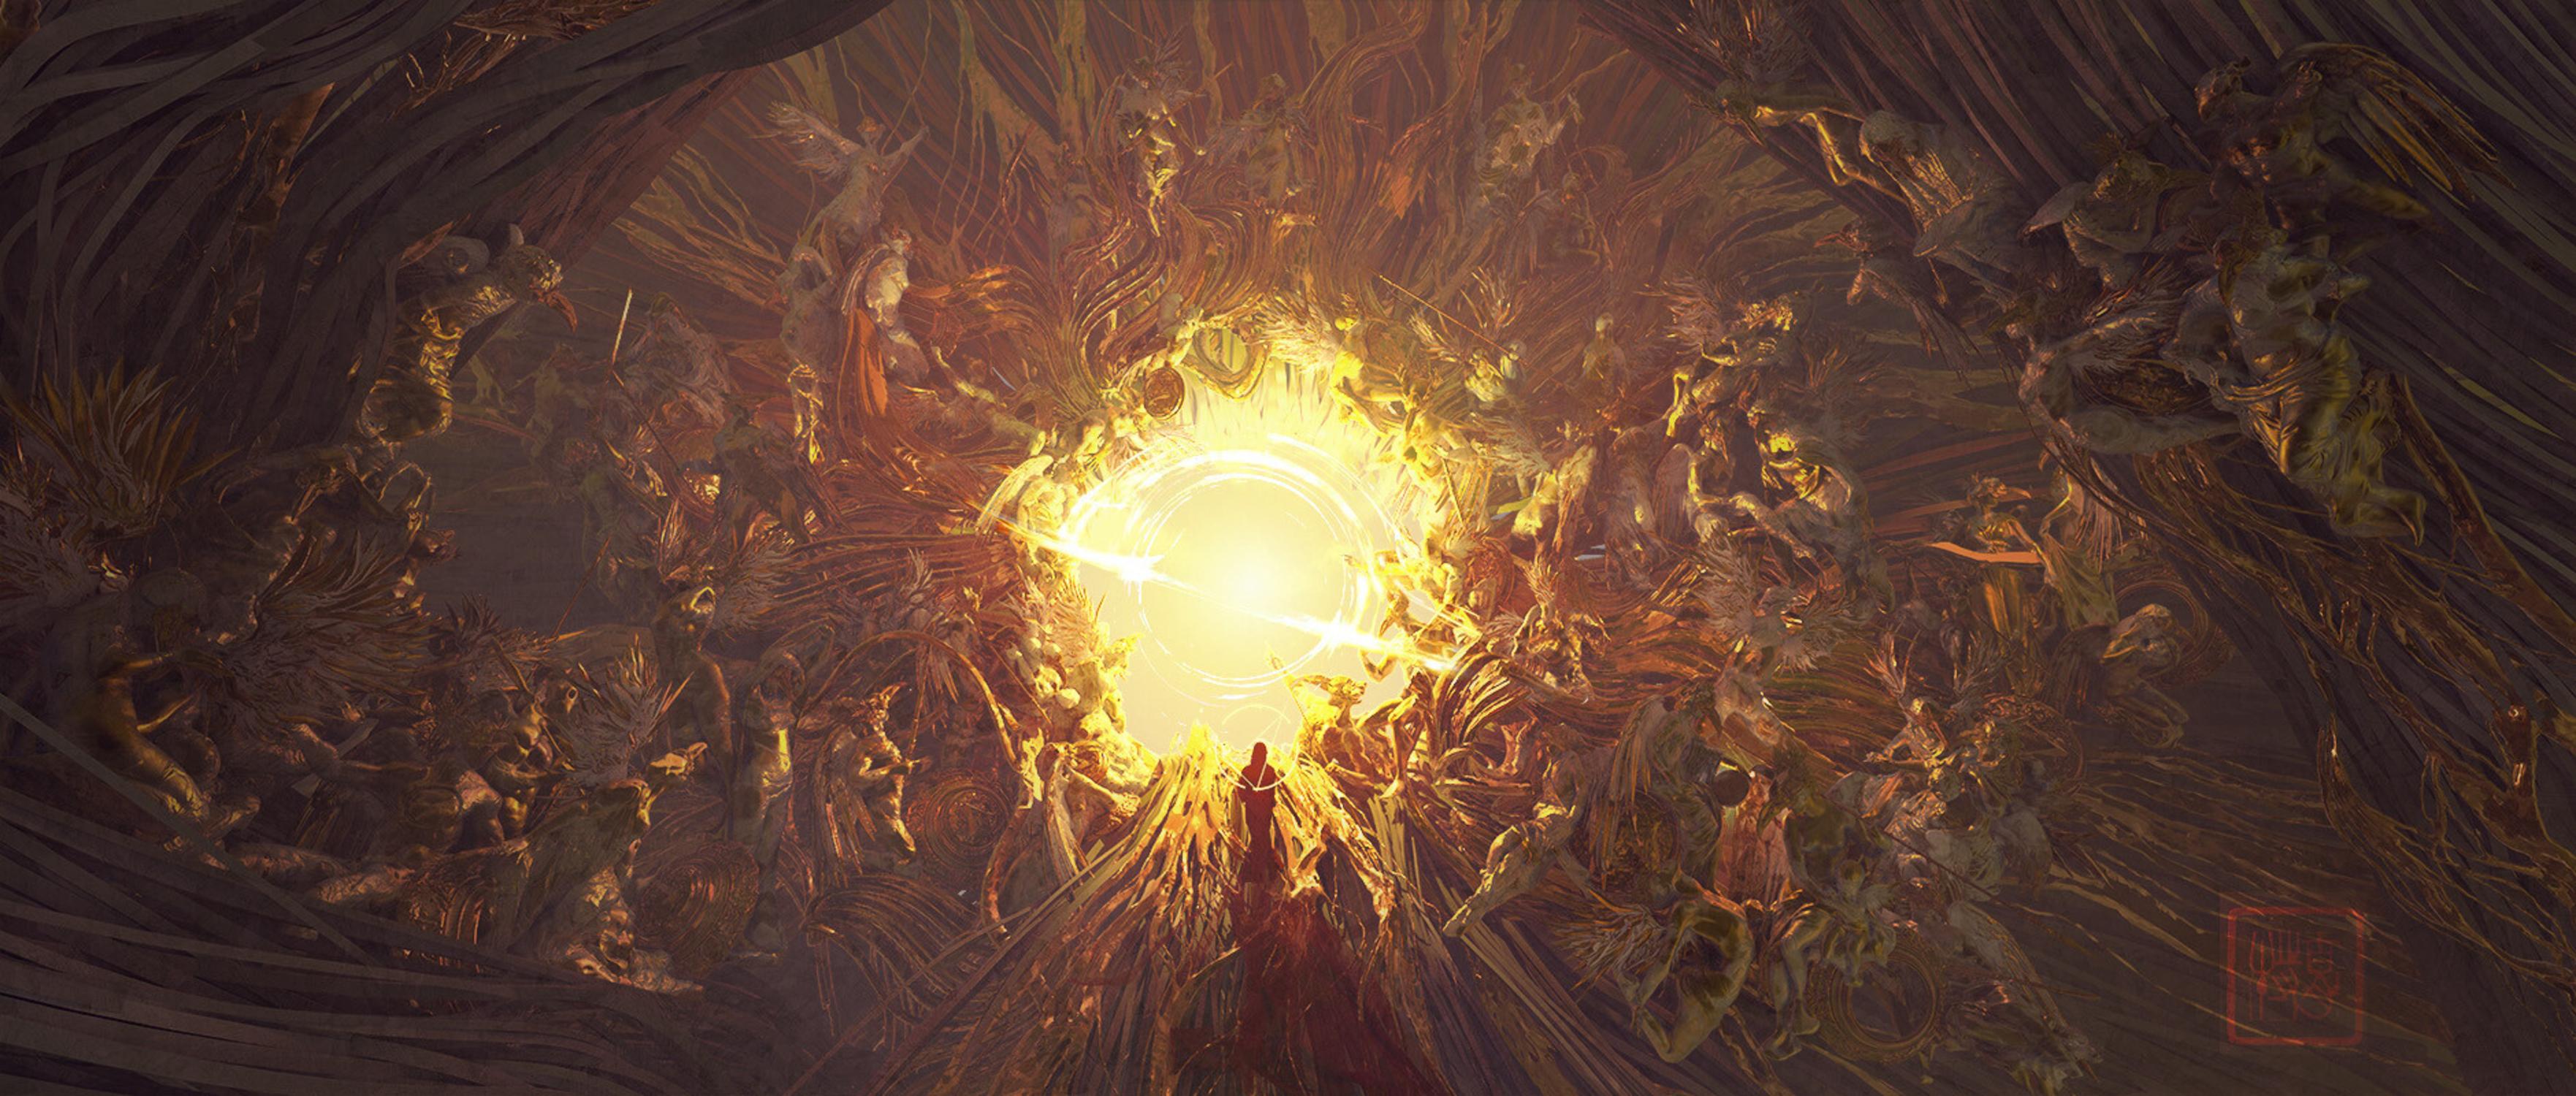 gate to heaven Artwork by TE HU